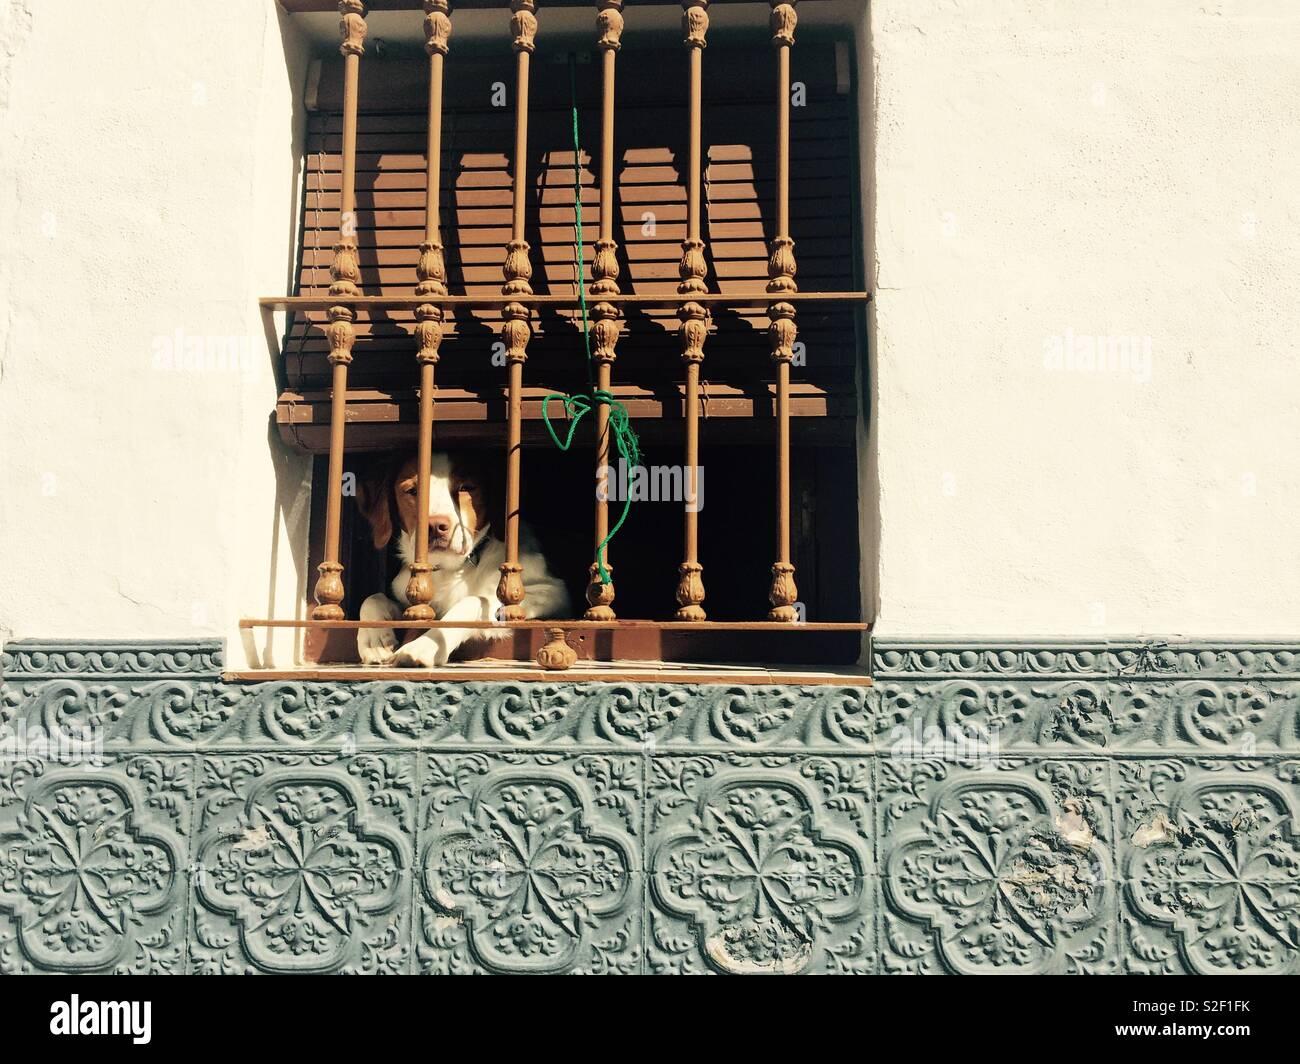 Pequeño perro blanco y marrón se encuentra peeping o mirando a través de rejas decorativas de una ventana en el nivel de la calle en un pueblo de Andalucia España Foto de stock